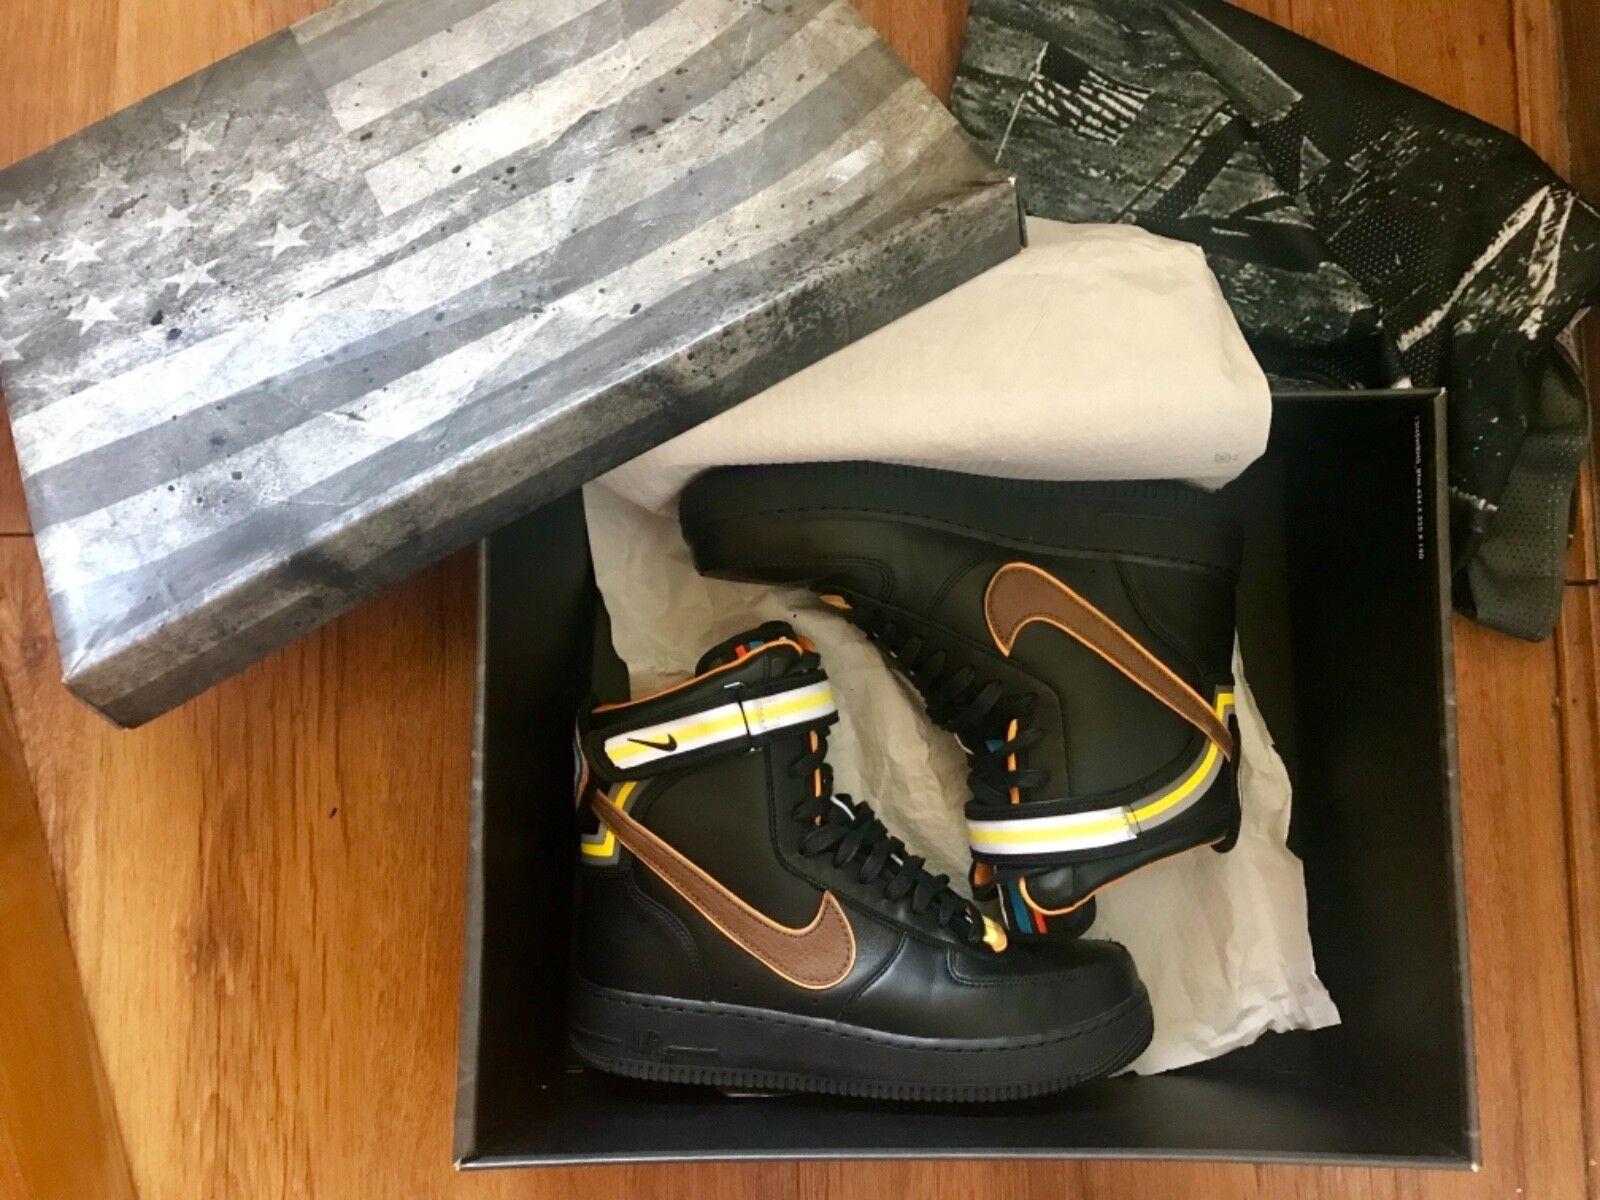 Nike air force 1 hi sp r. r. r. t ds autentico nuovo raro   Vendite Online    Uomini/Donne Scarpa  605b9b